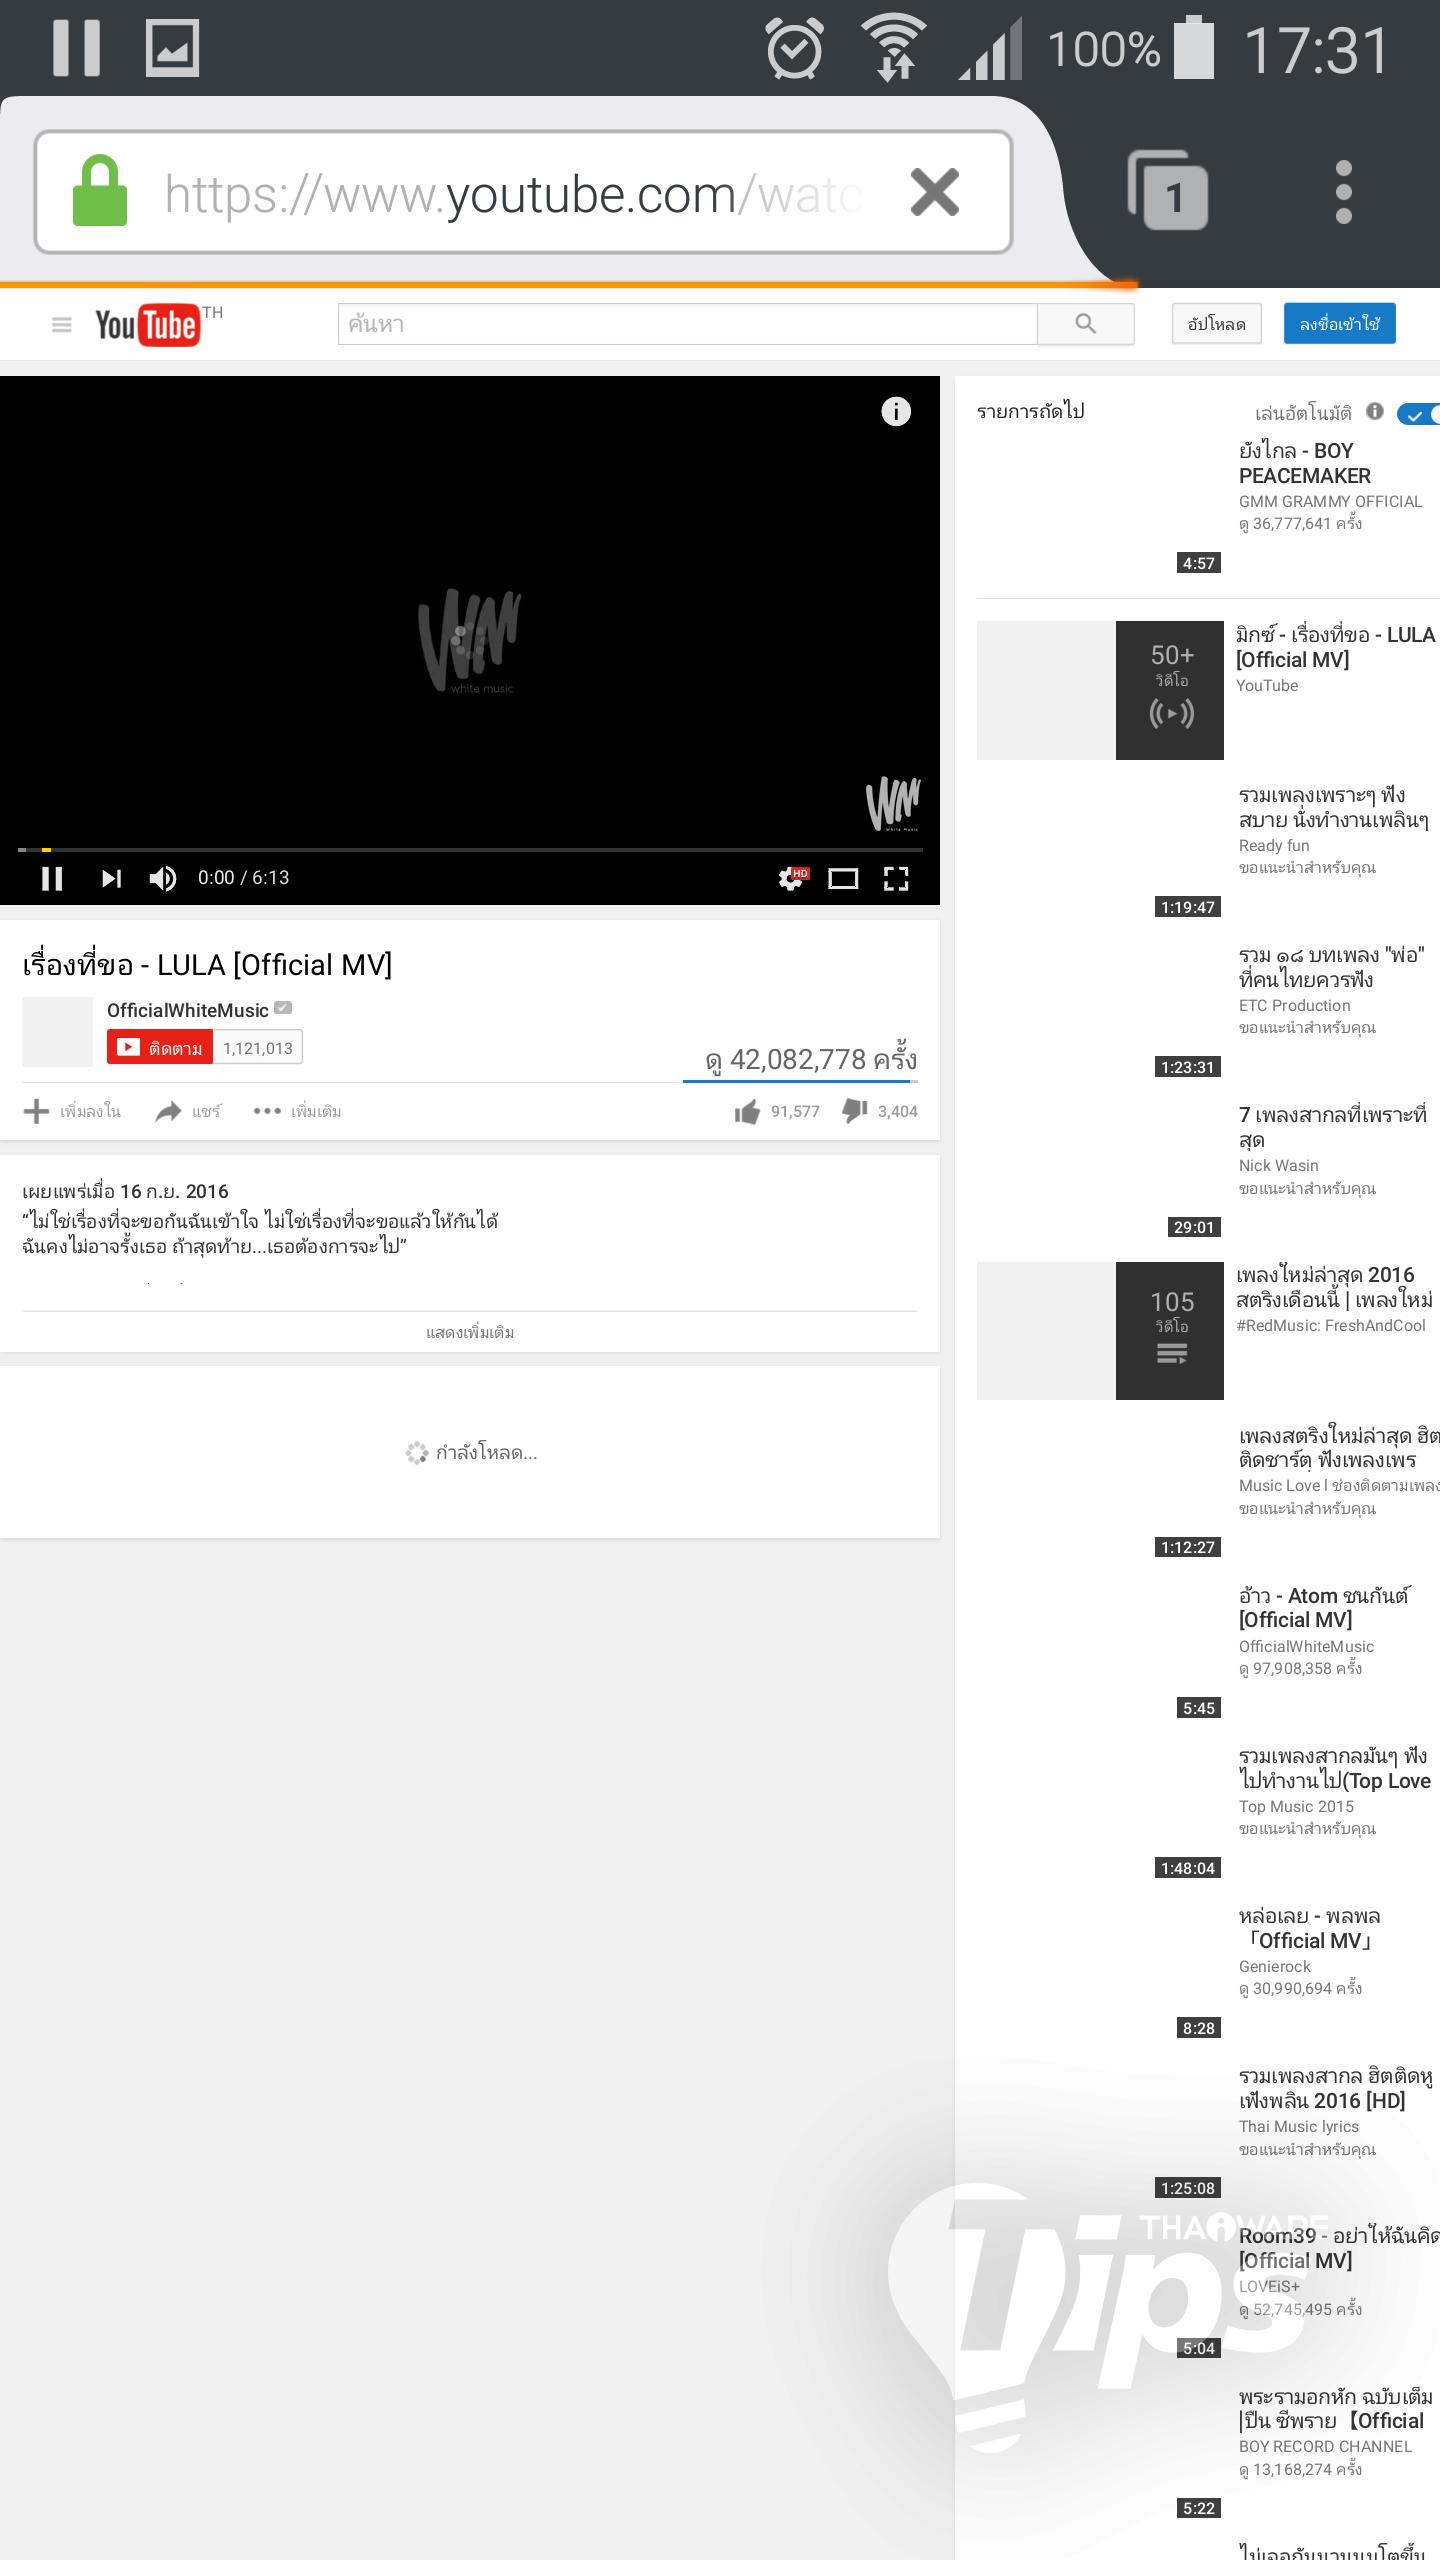 ว ธ ฟ งเพลงบน youtube แบบกดป ดหน าจอ แล วเพลงย งเล นอย บน